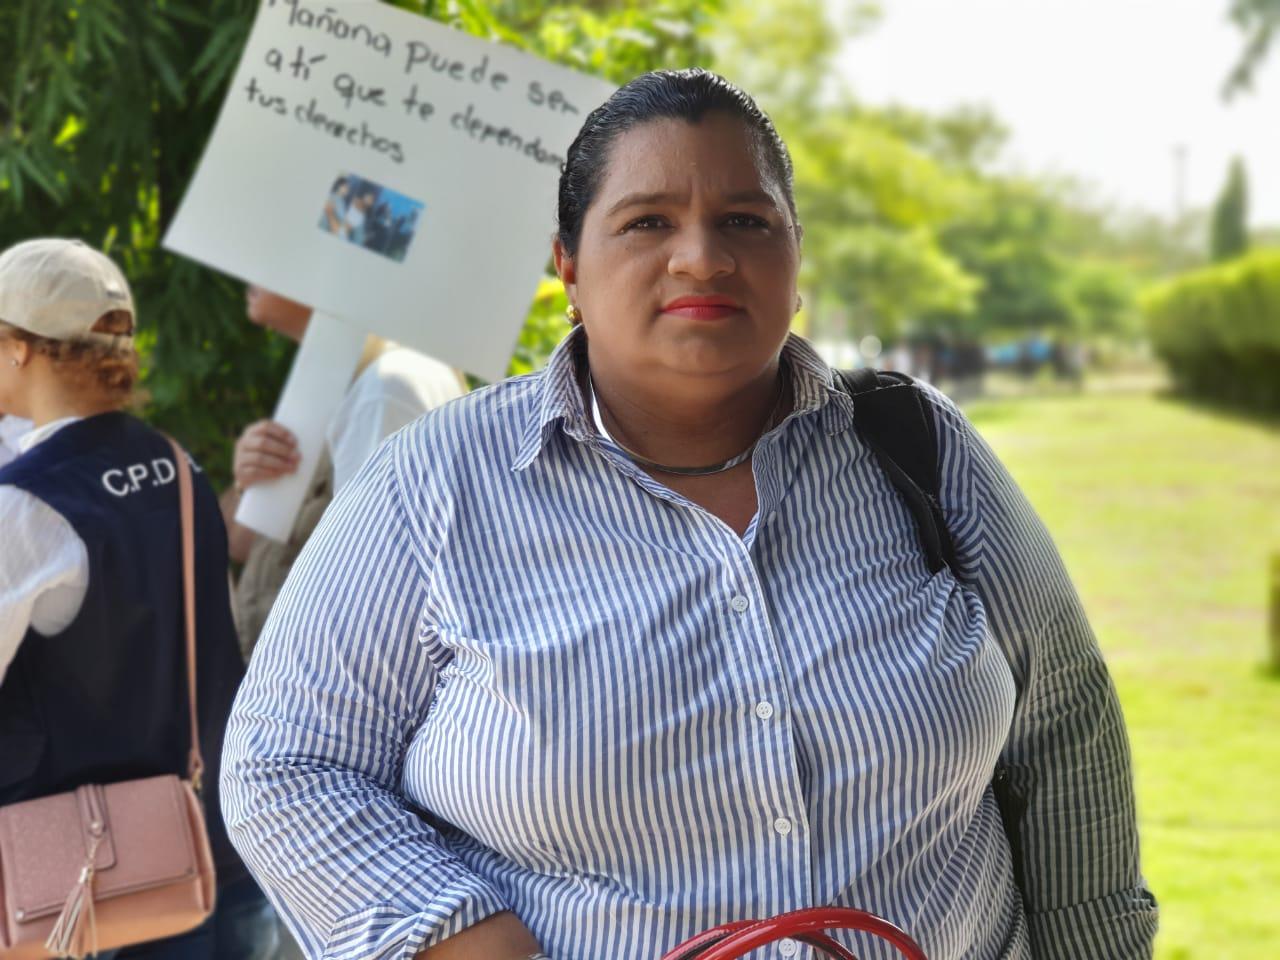 Abogada Yonarqui Martínez en estado reservado a causa del COVID-19. Foto: Artículo 66